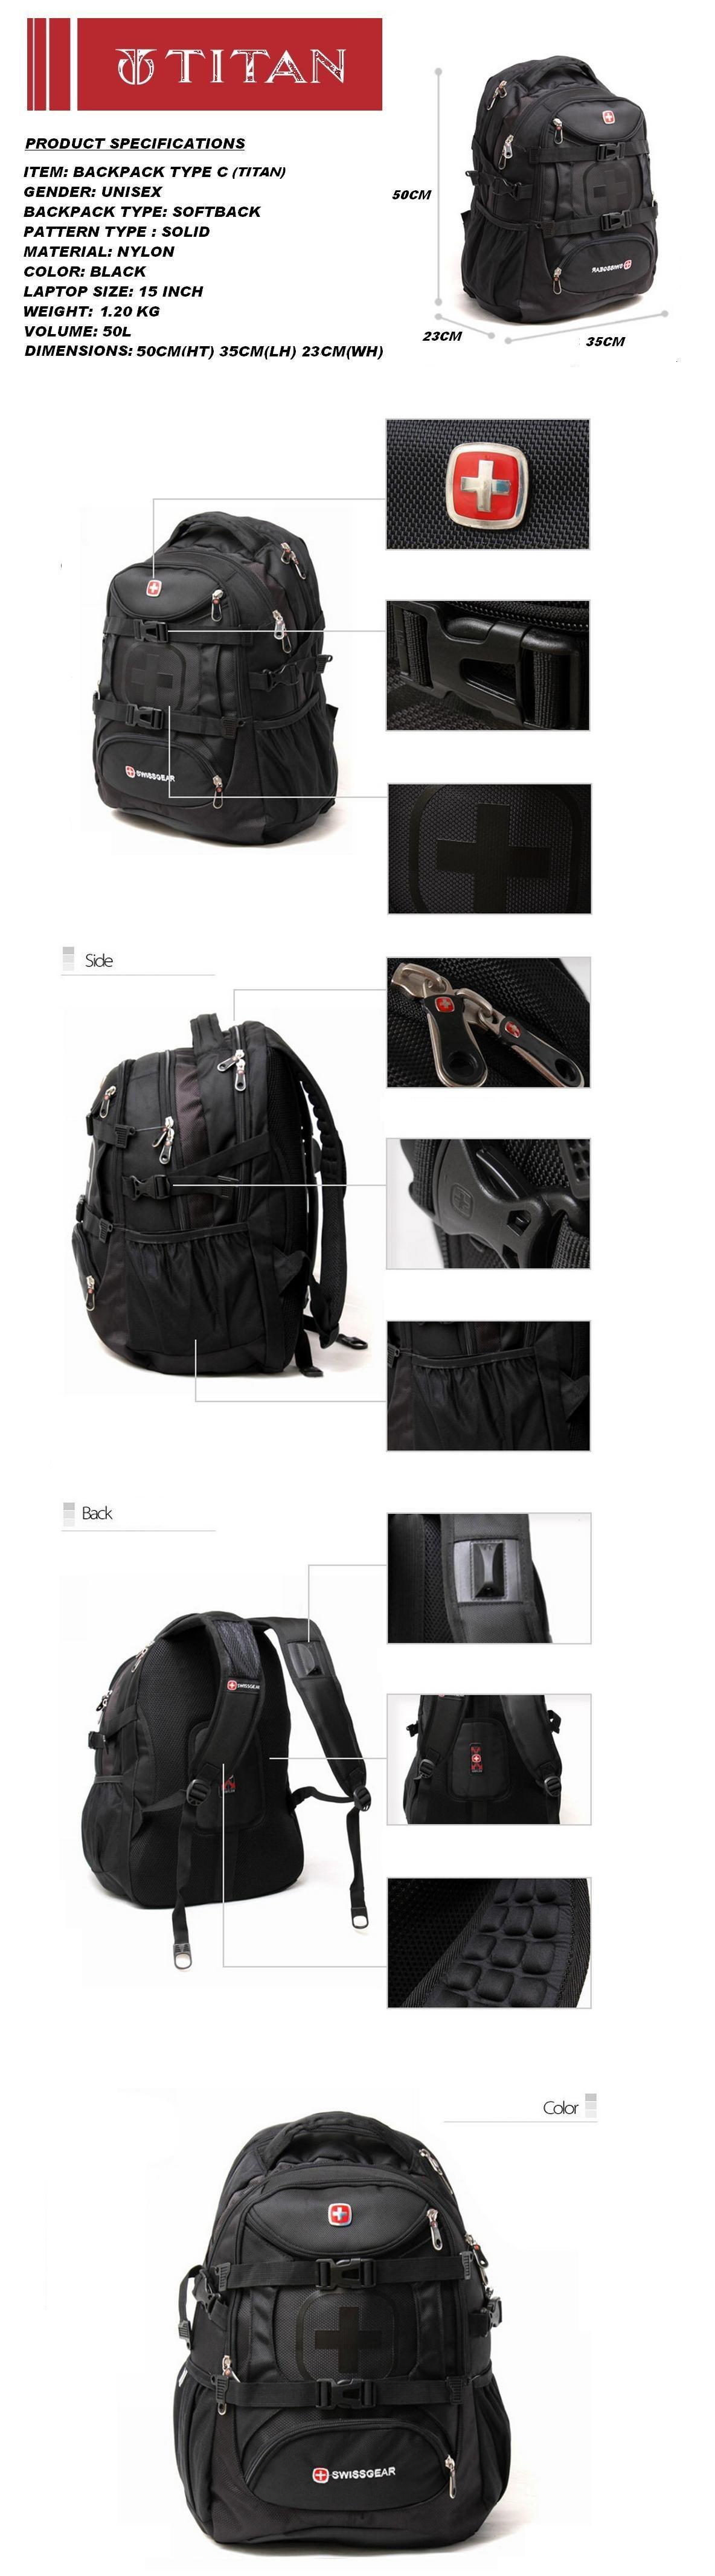 Sg Seller Fast Delivery Swiss Laptop Ladies Bag Notebook Bag Backpack Office Bag Mens Bag Not